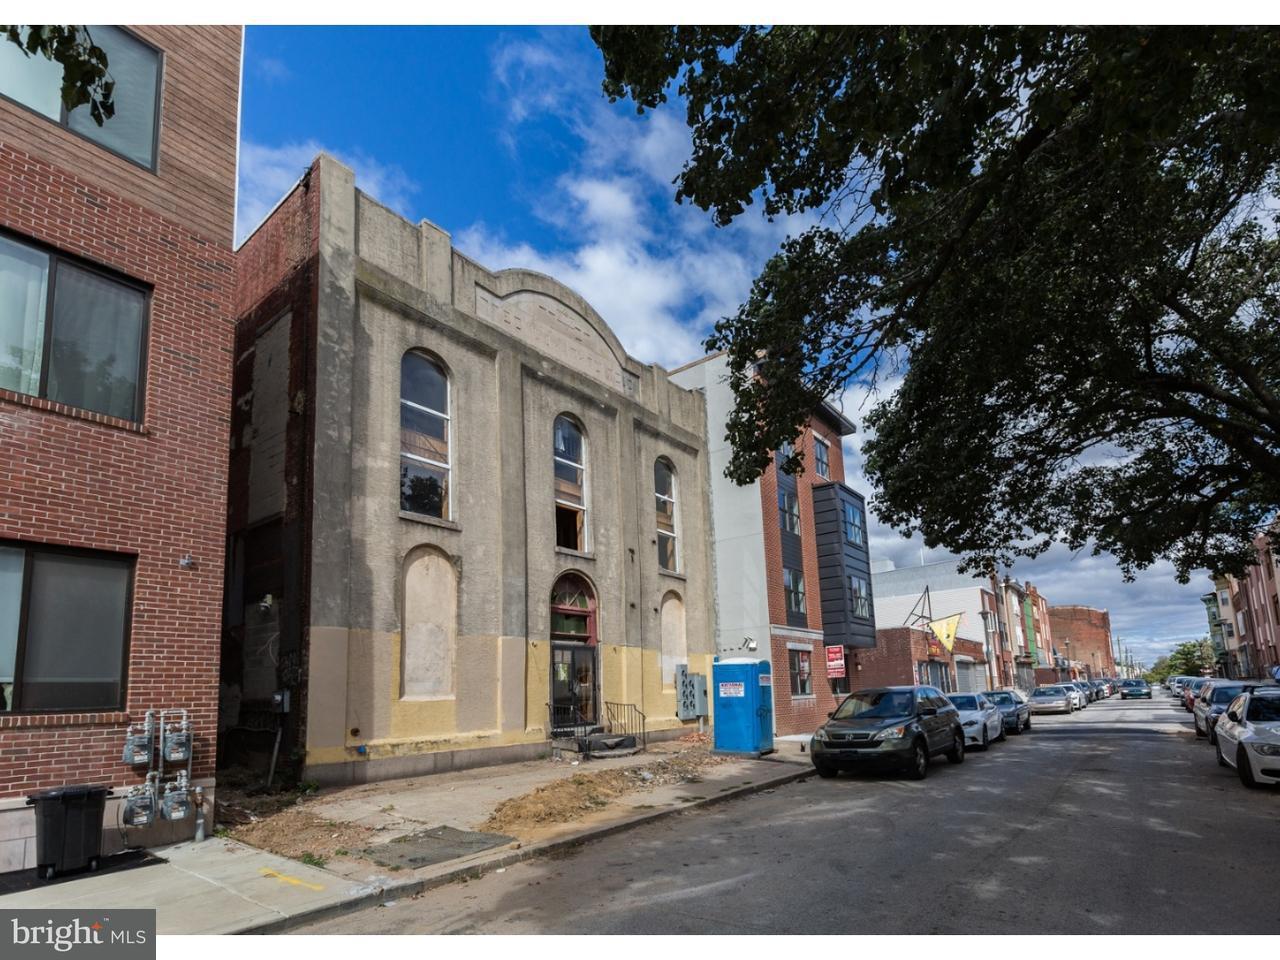 980 N Marshall Philadelphia, PA 19123